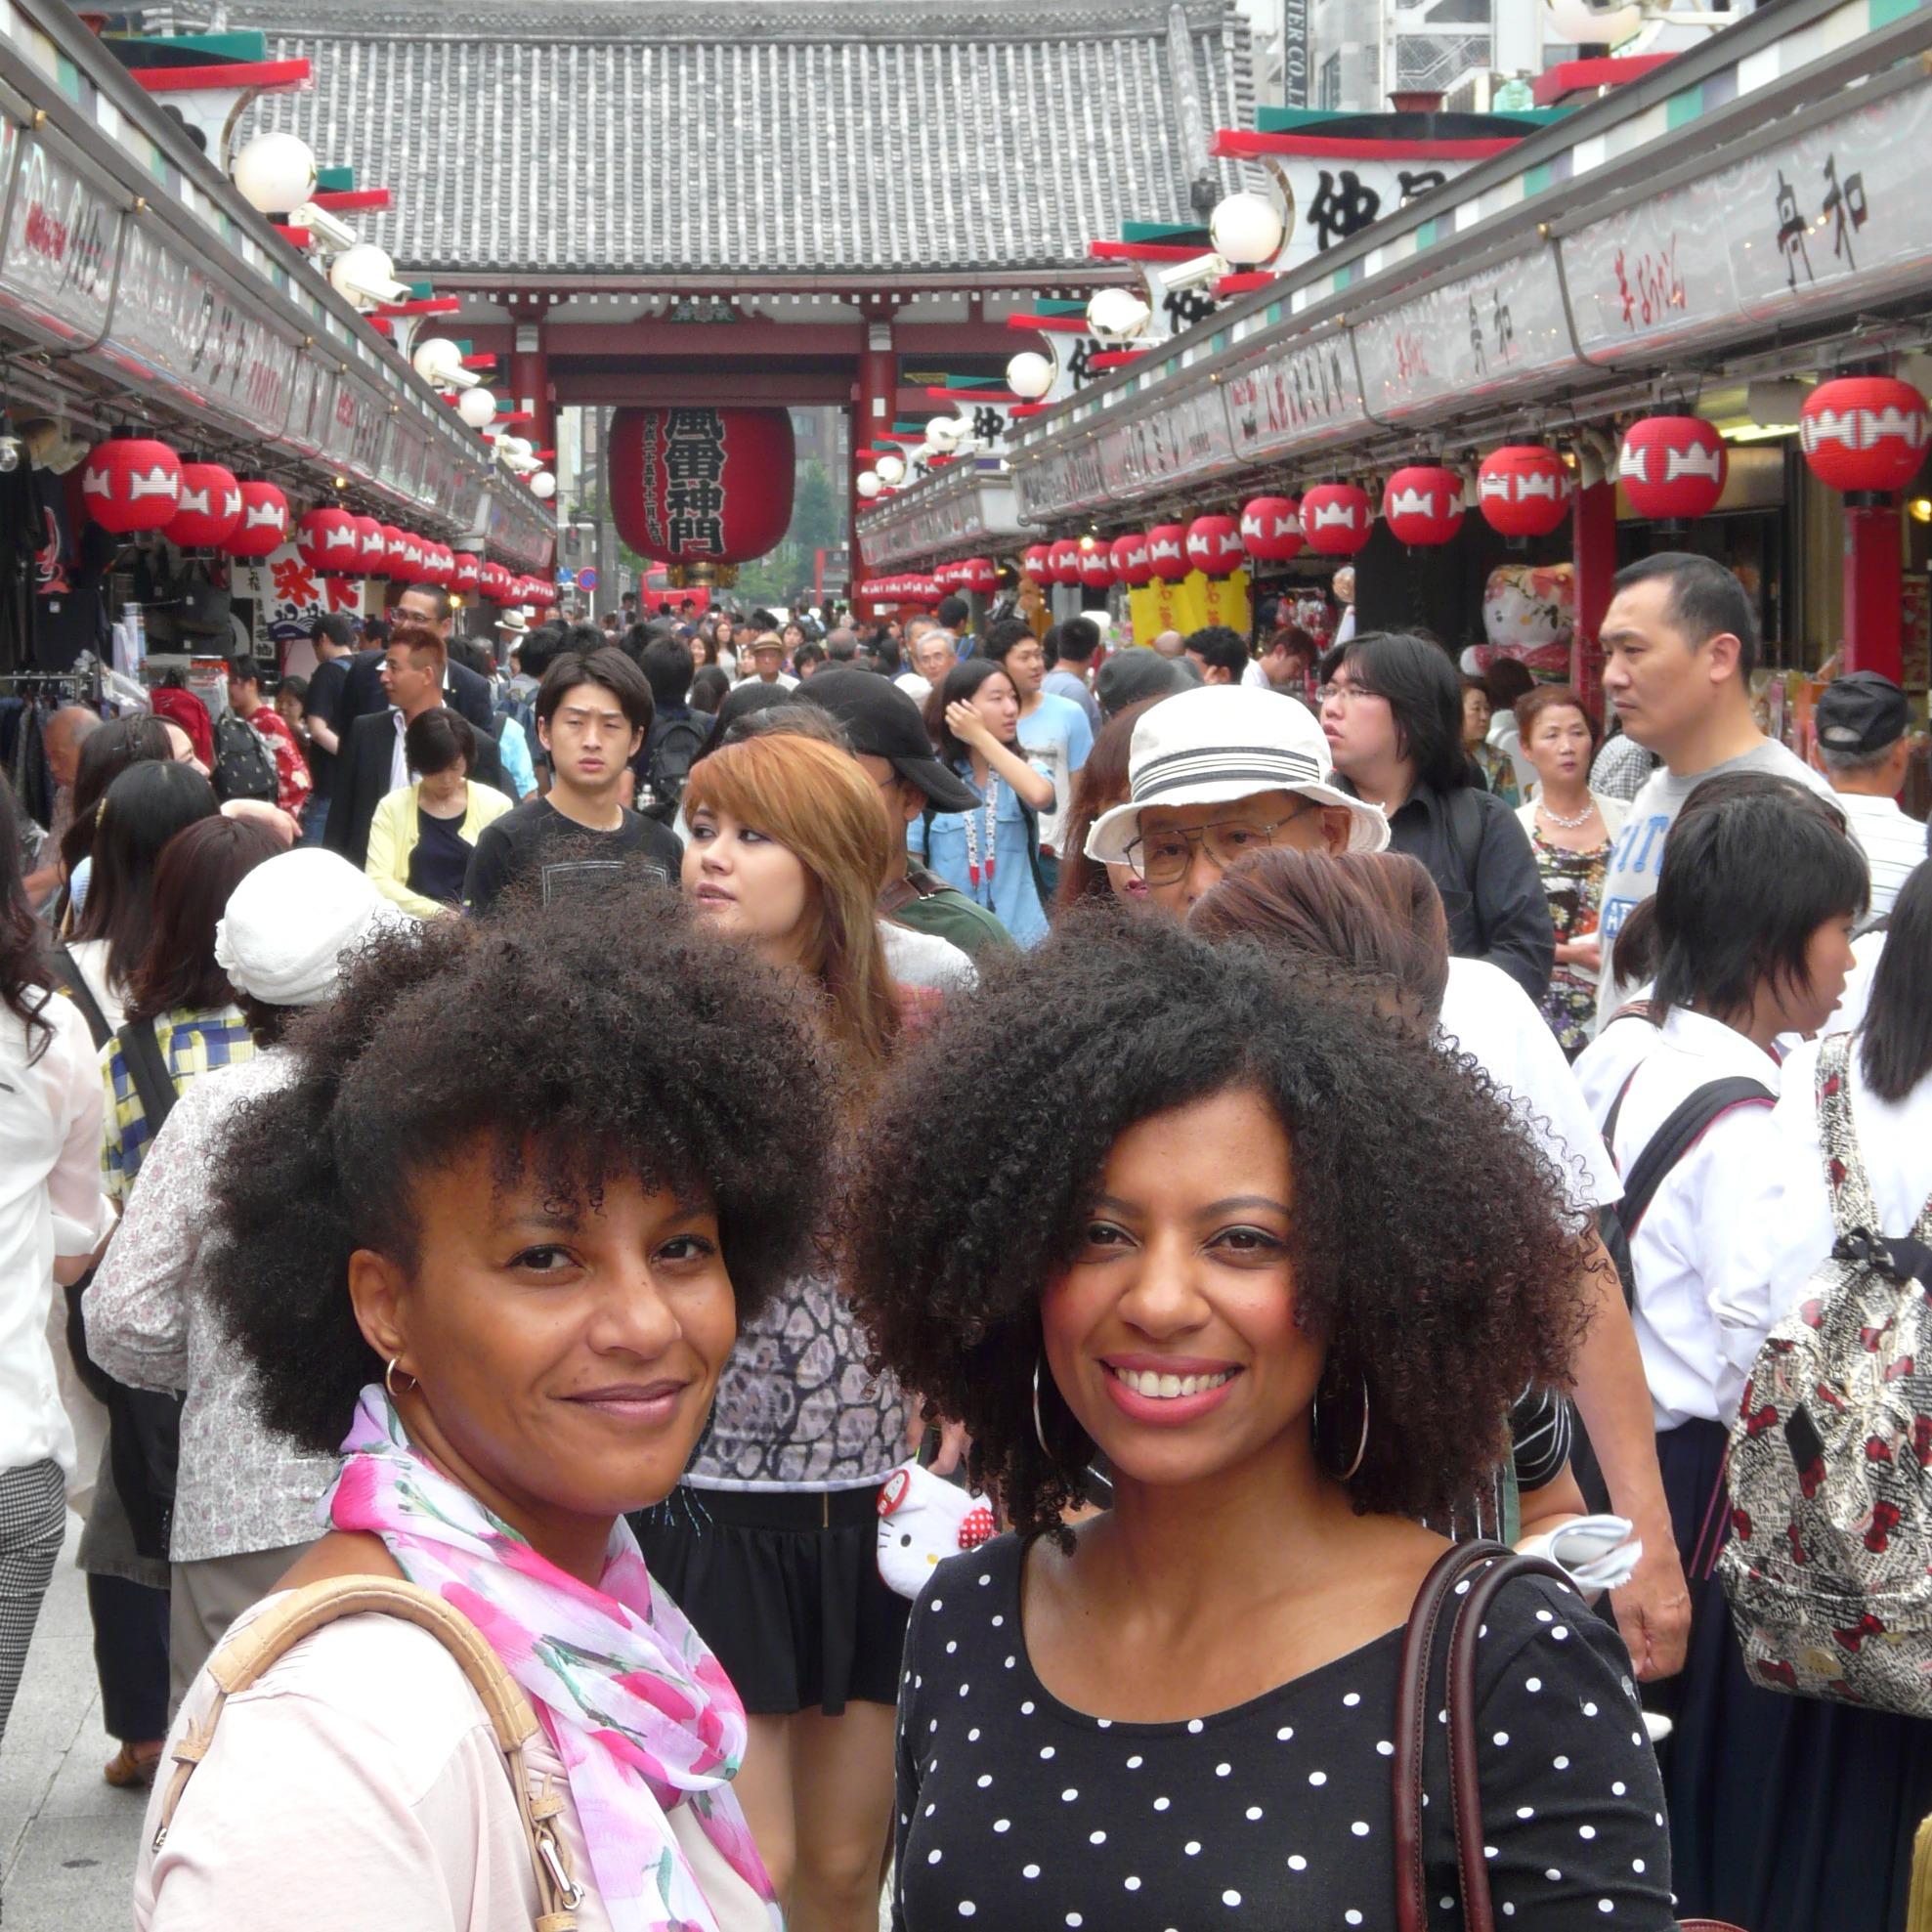 Sisters in Tokyo